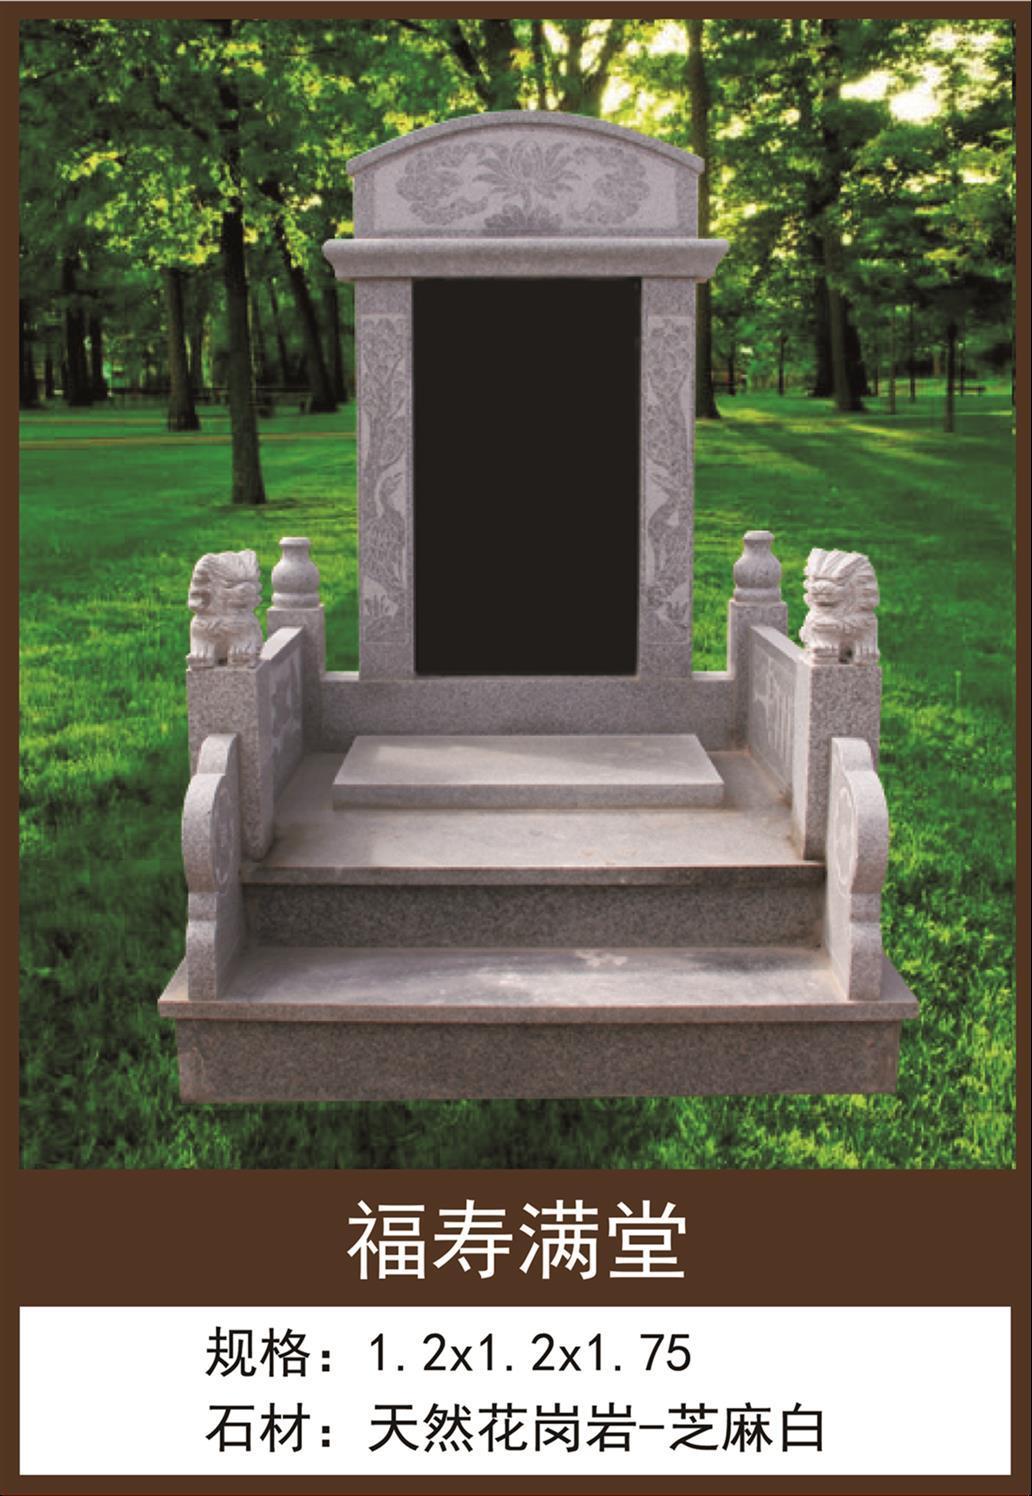 优质墓地销售